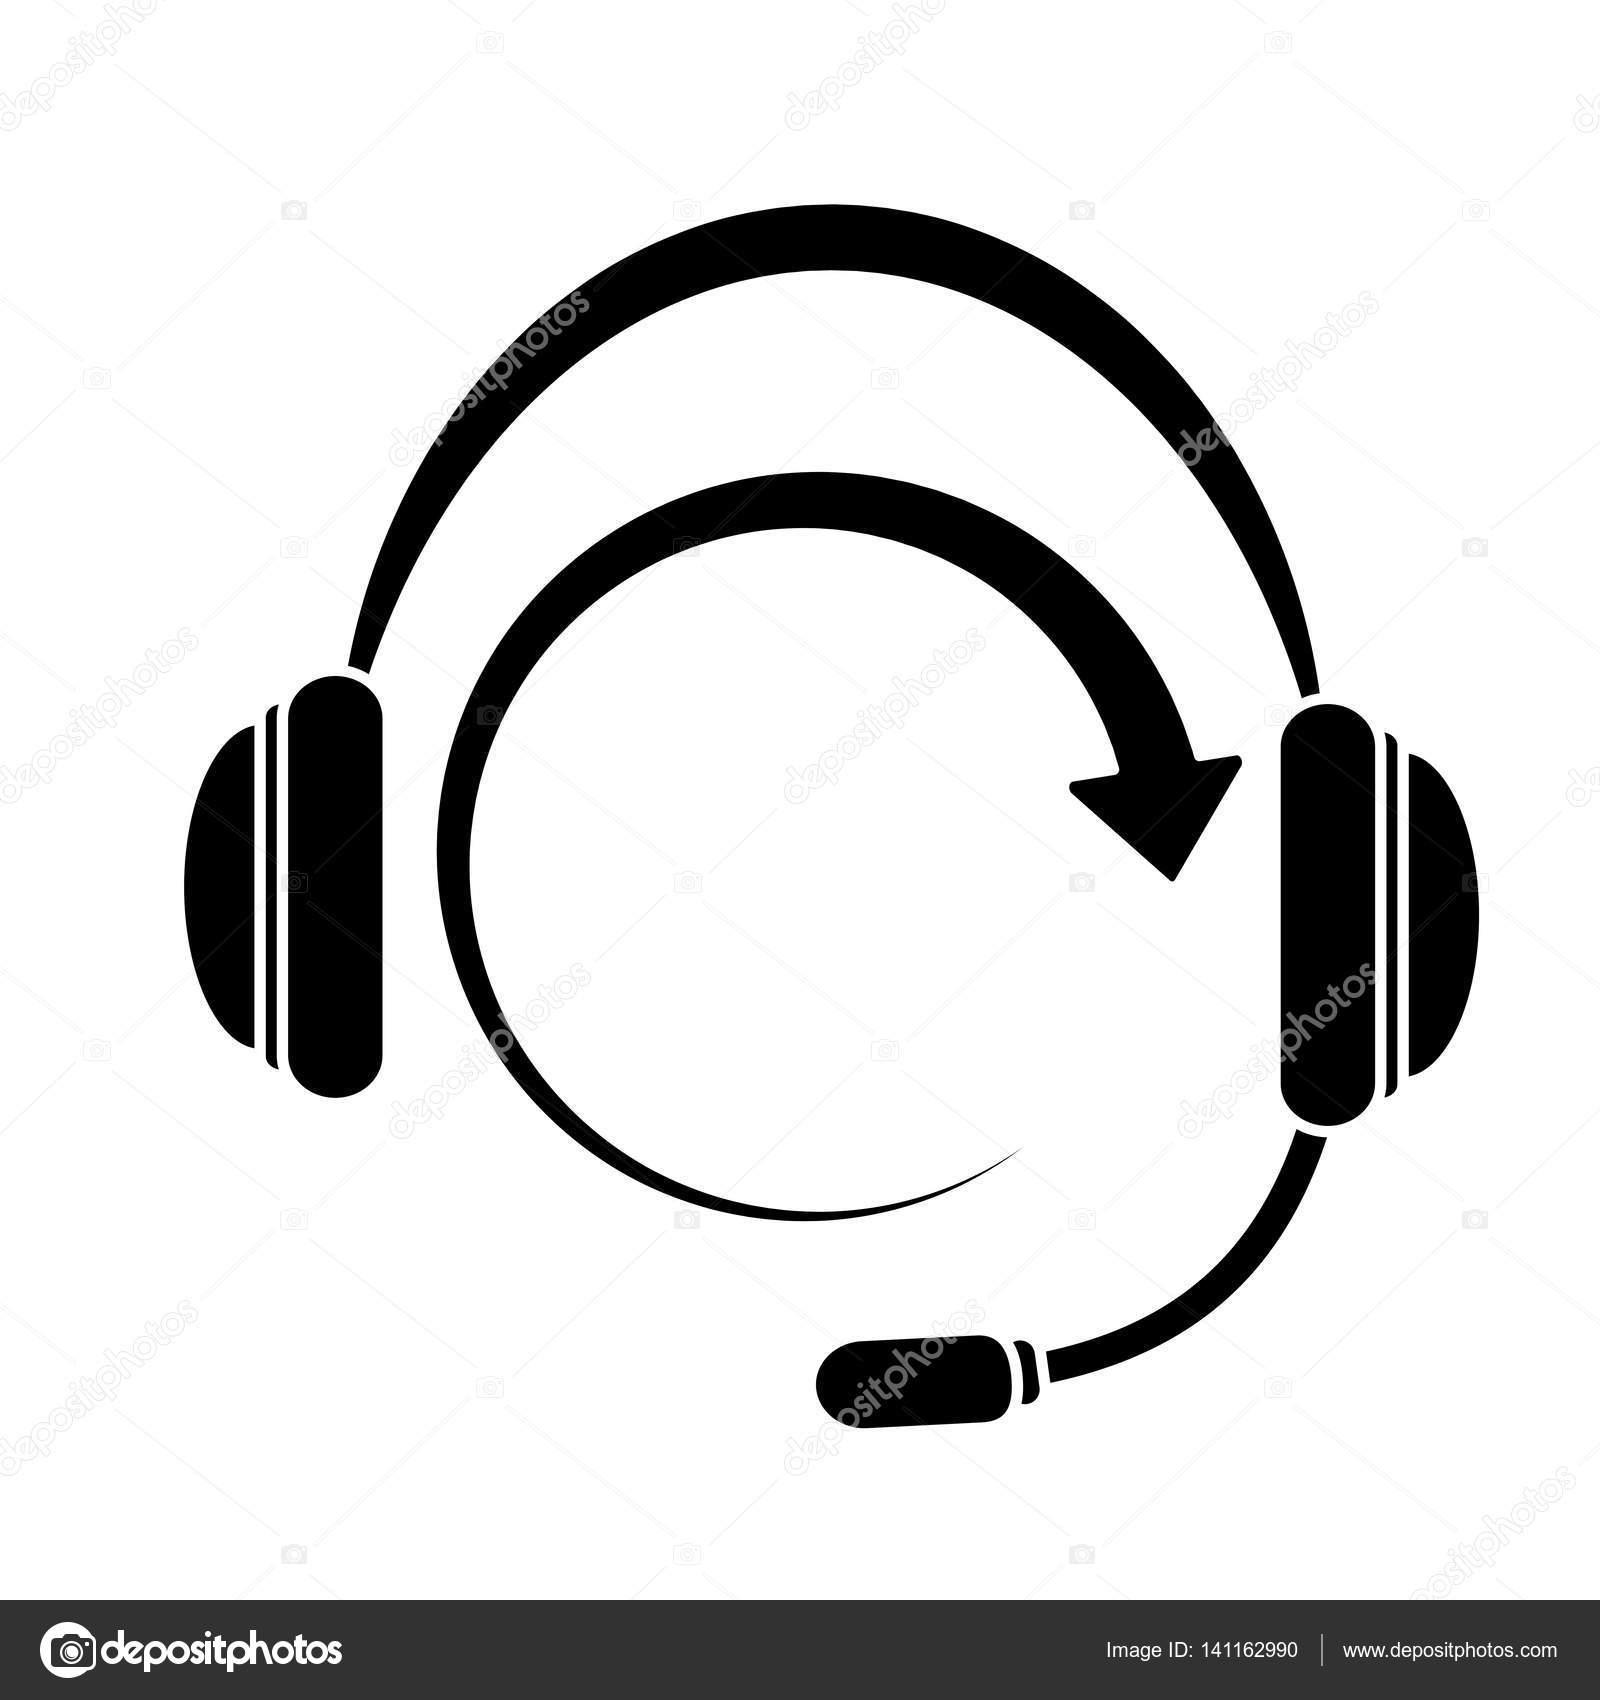 Kopfhörer-Kopfhörer-Symbolbild — Stockvektor © djv #141162990